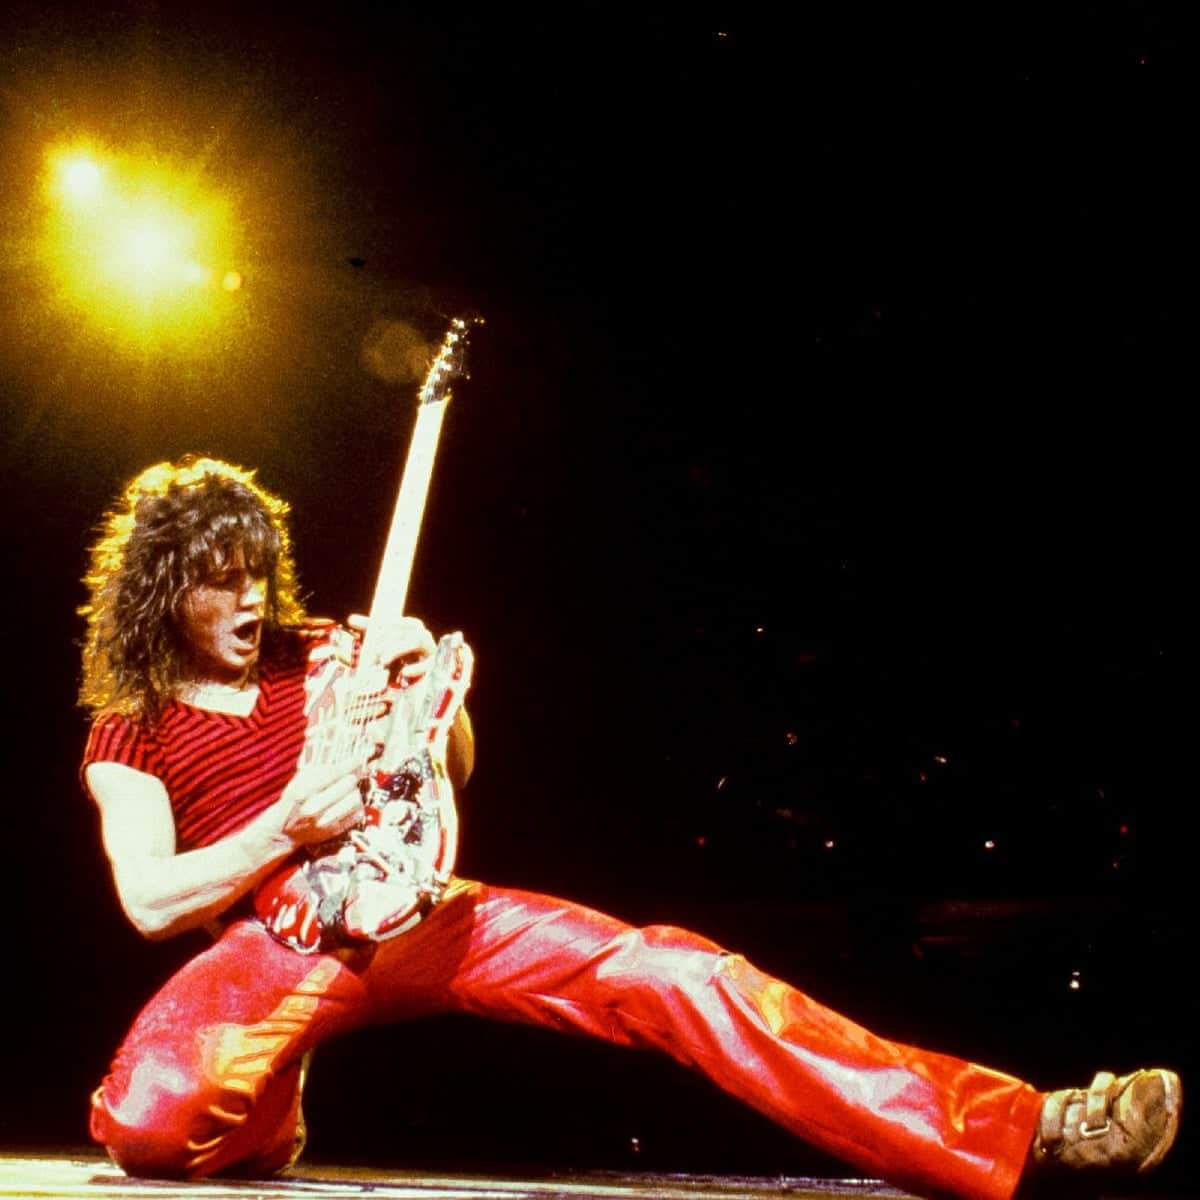 Une Semaine en Octobre-Hommage et Dommages-Eddie Van Halen-1-ParisBazaar-Borde